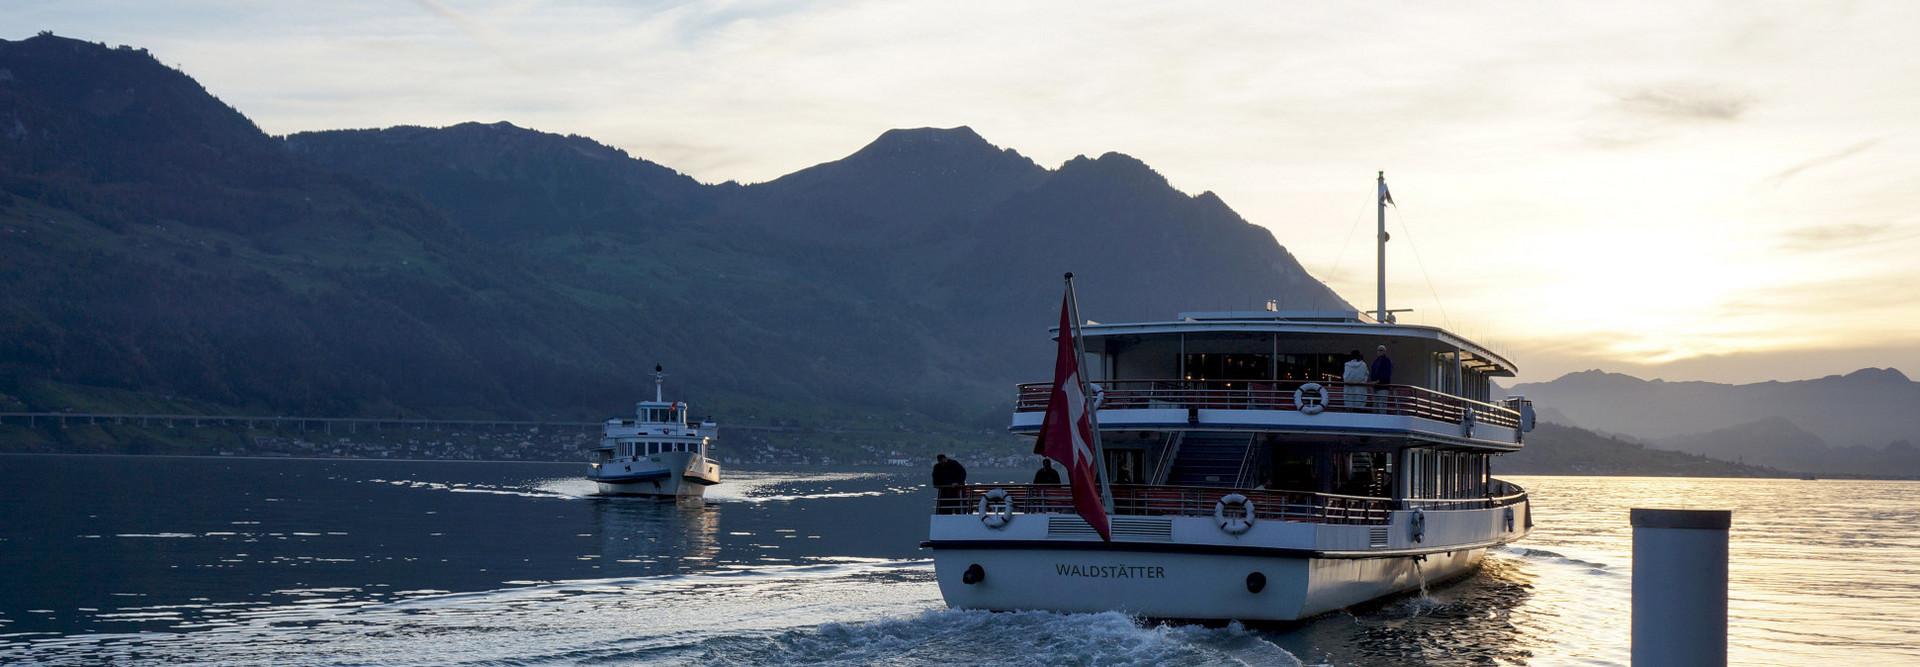 Deux bateaux à moteur de la Société de navigation du lac des Quatre-Cantons (SGV) AG se croisent un matin sur le lac des Quatre-Cantons.